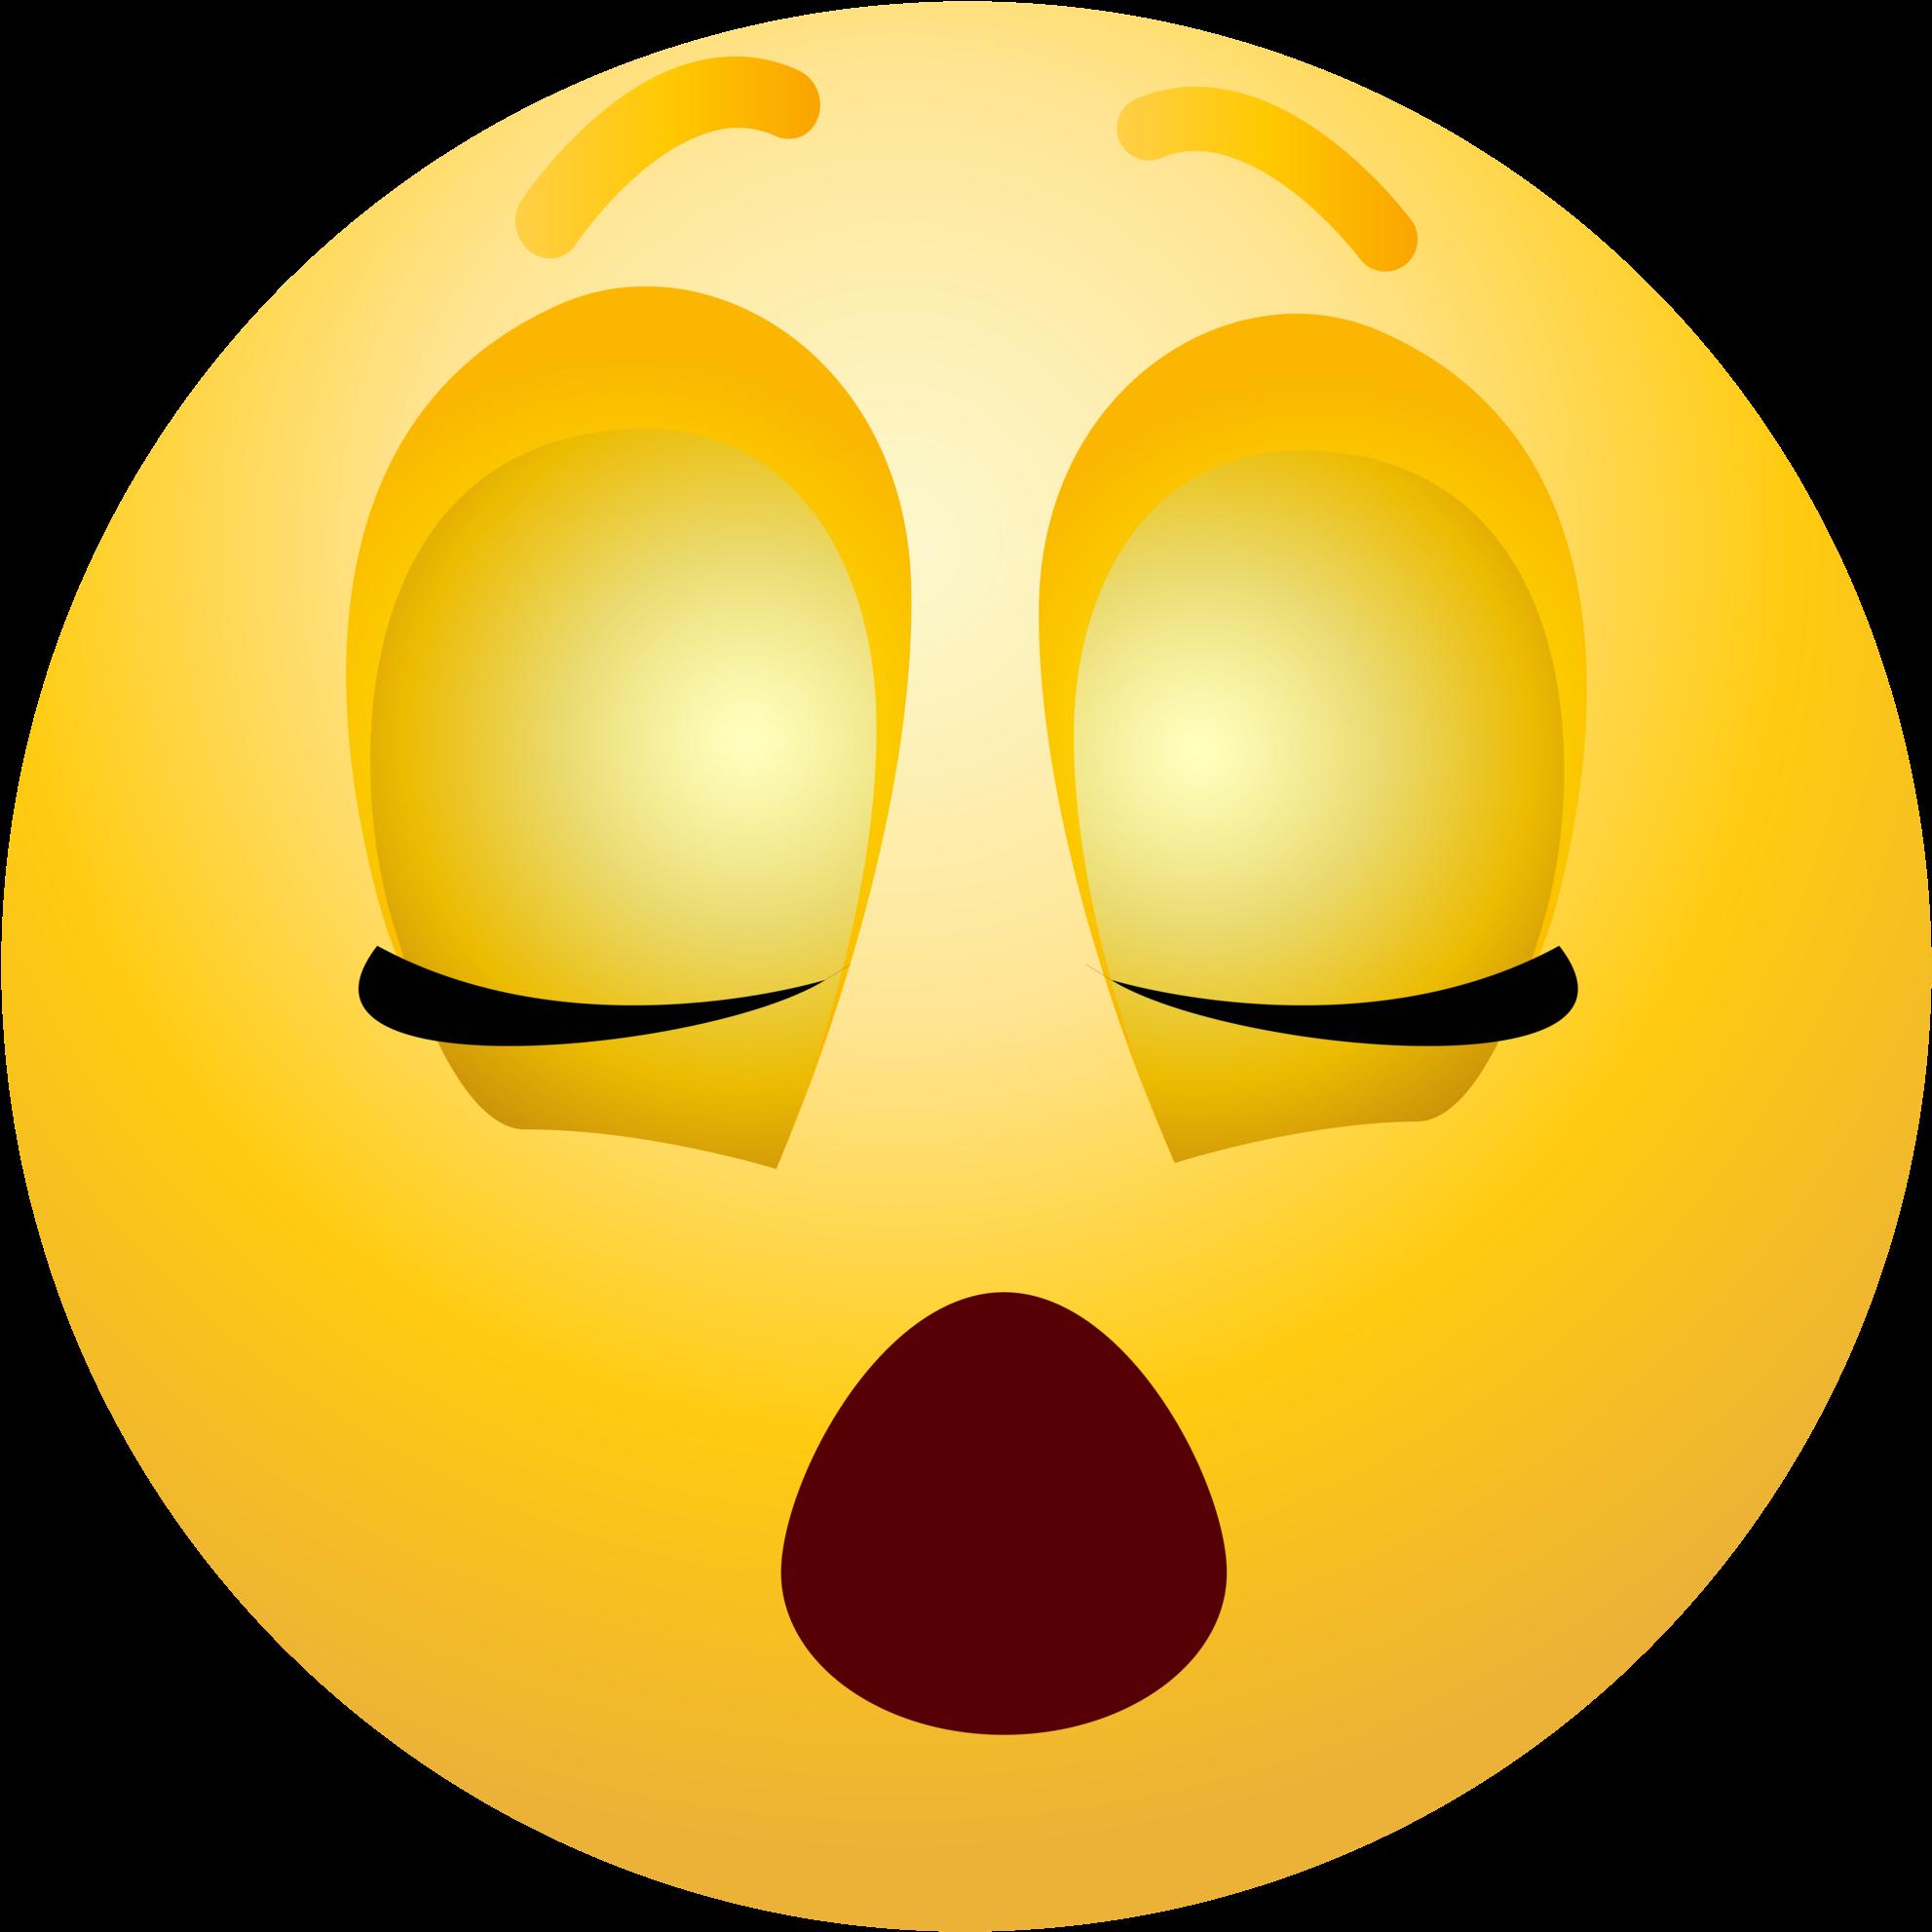 Emoji Smiley Emoticon Face.